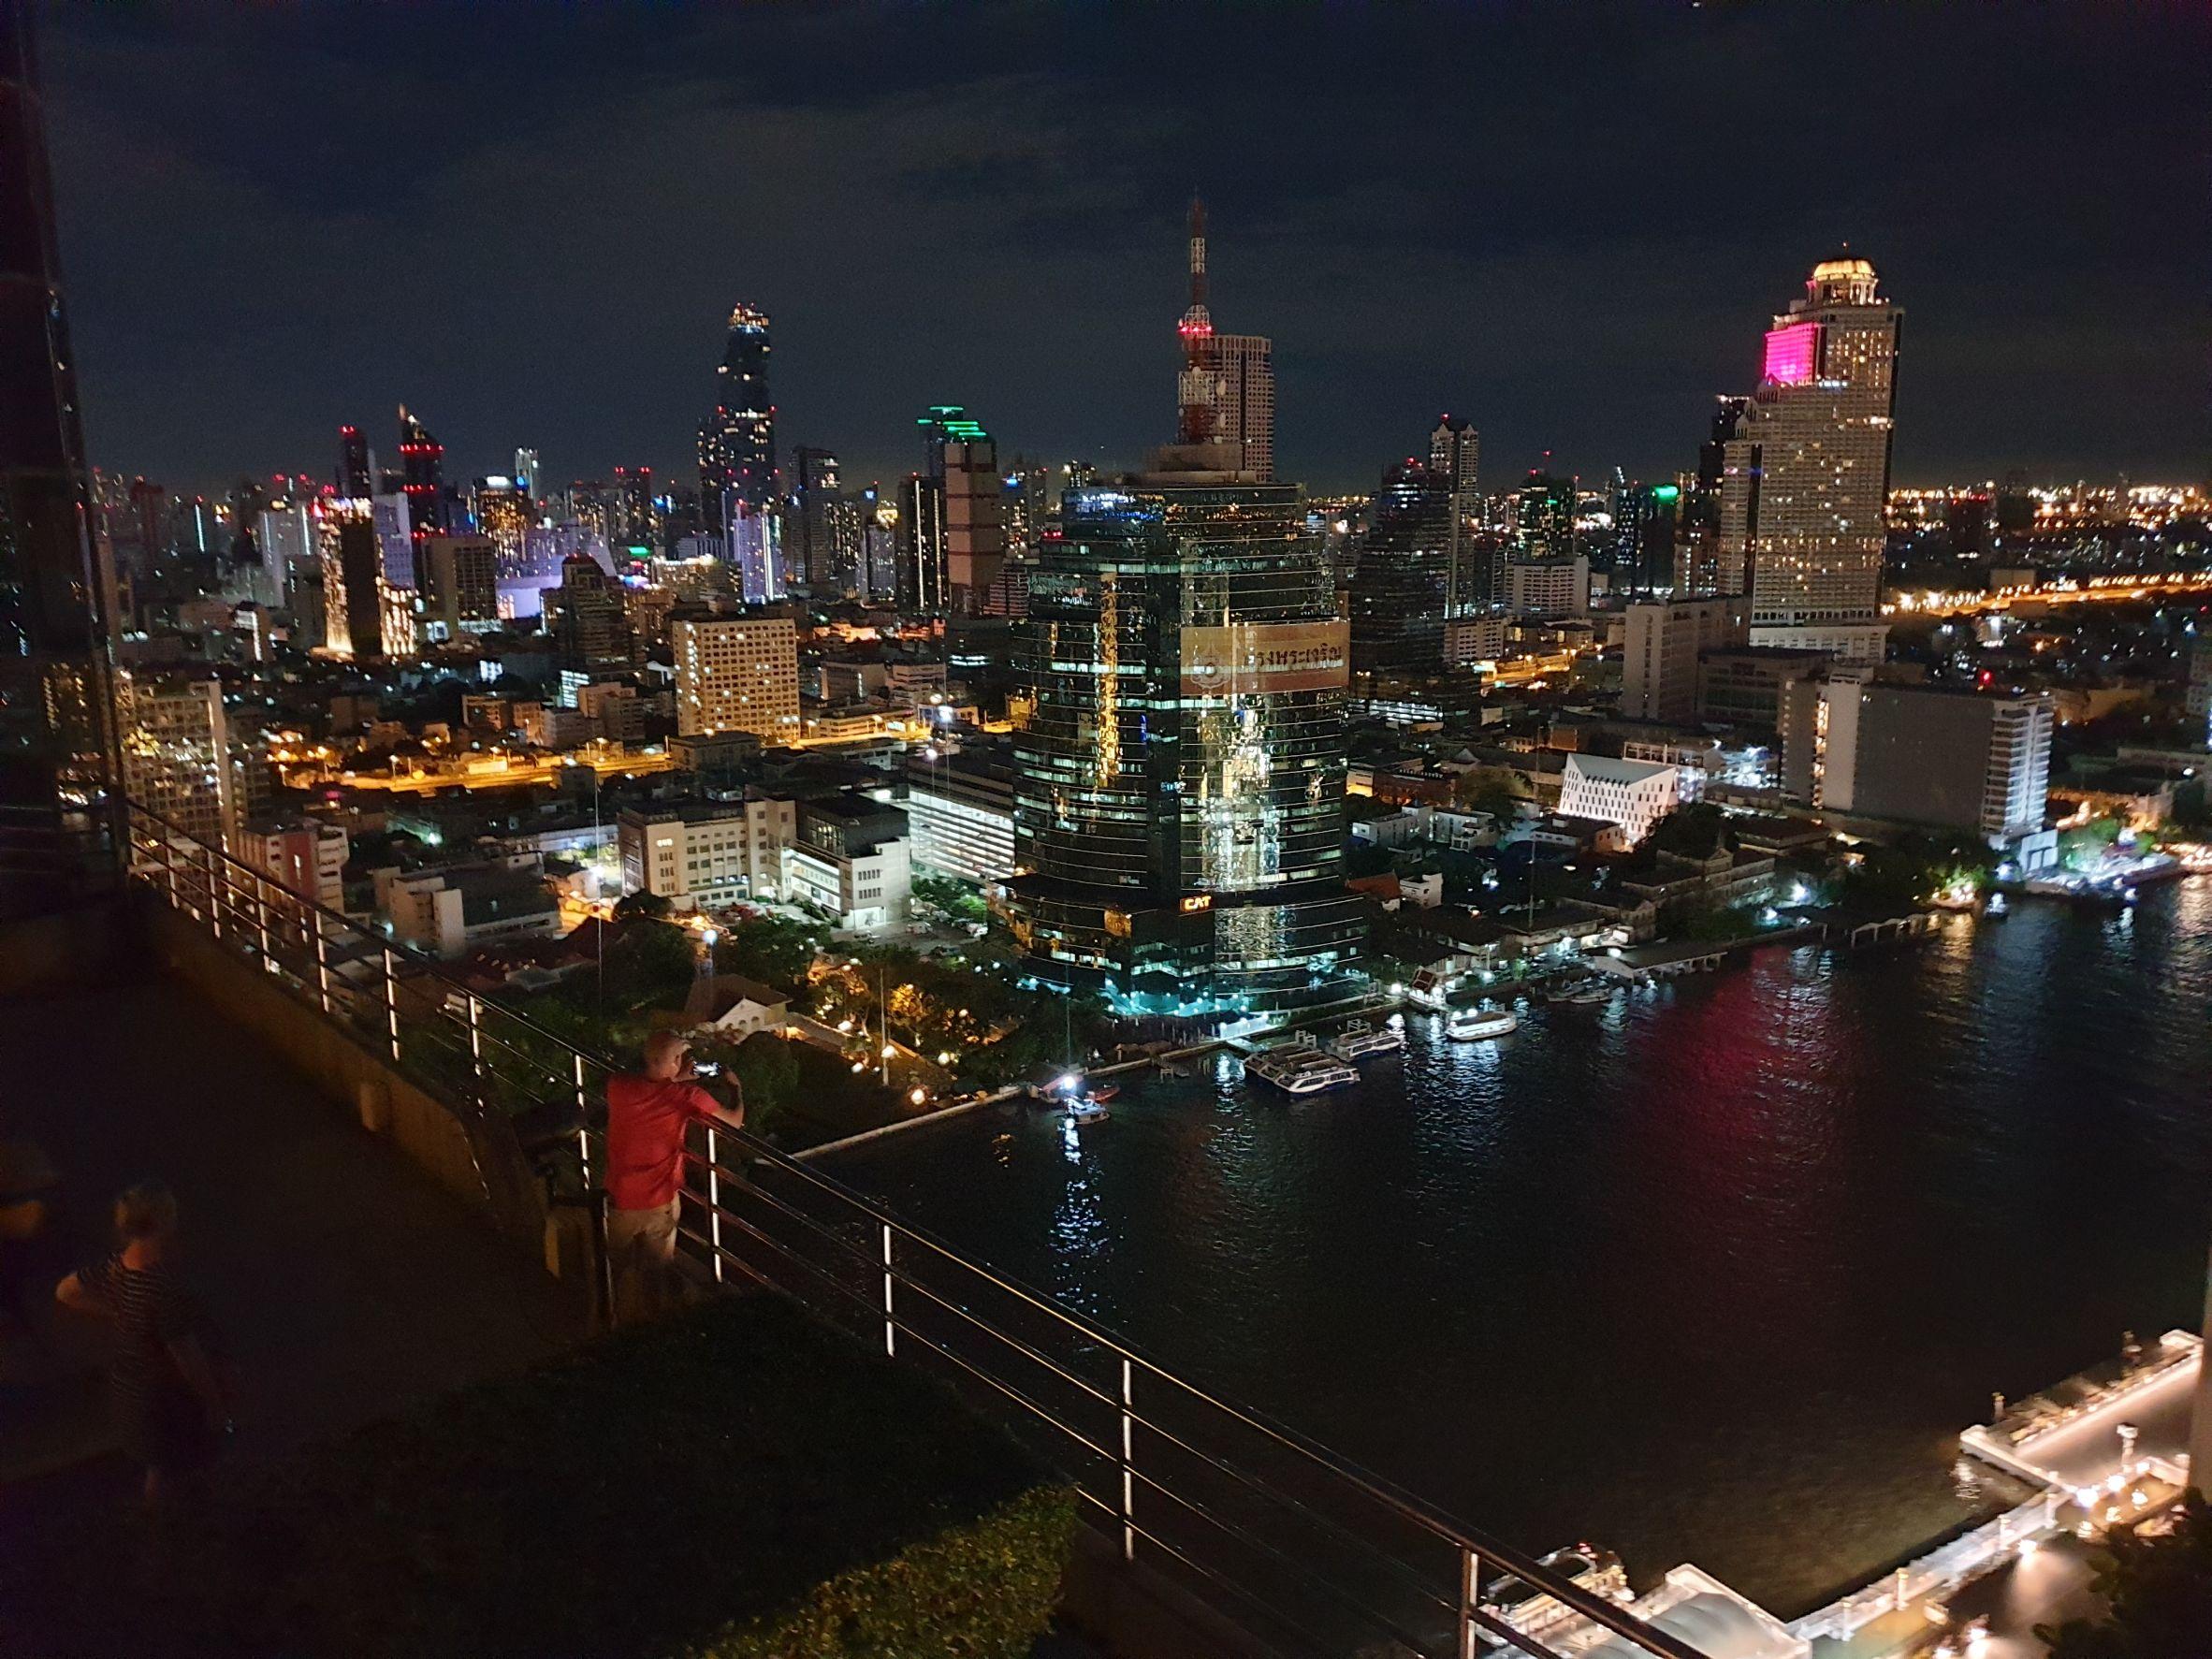 東南亞創業輔導專家-泰國創業的商機與挑戰